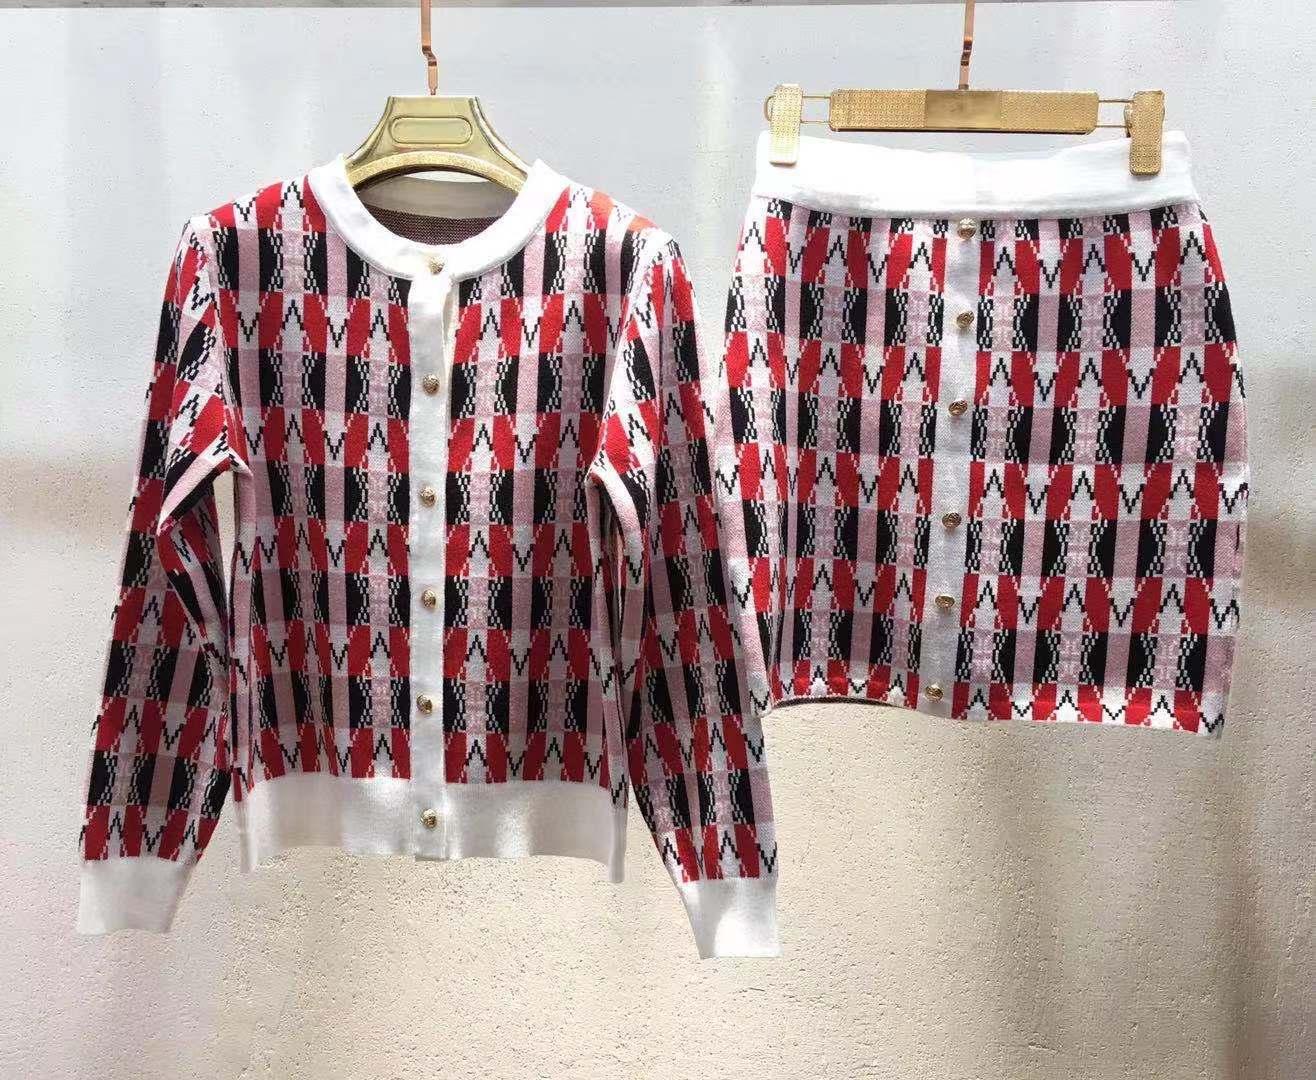 2020 Envío Gratis Marca Mismo Estilo Conjuntos Dos Piezas Vestido Suéter Manga Larga Cuello Personal Kint Qian